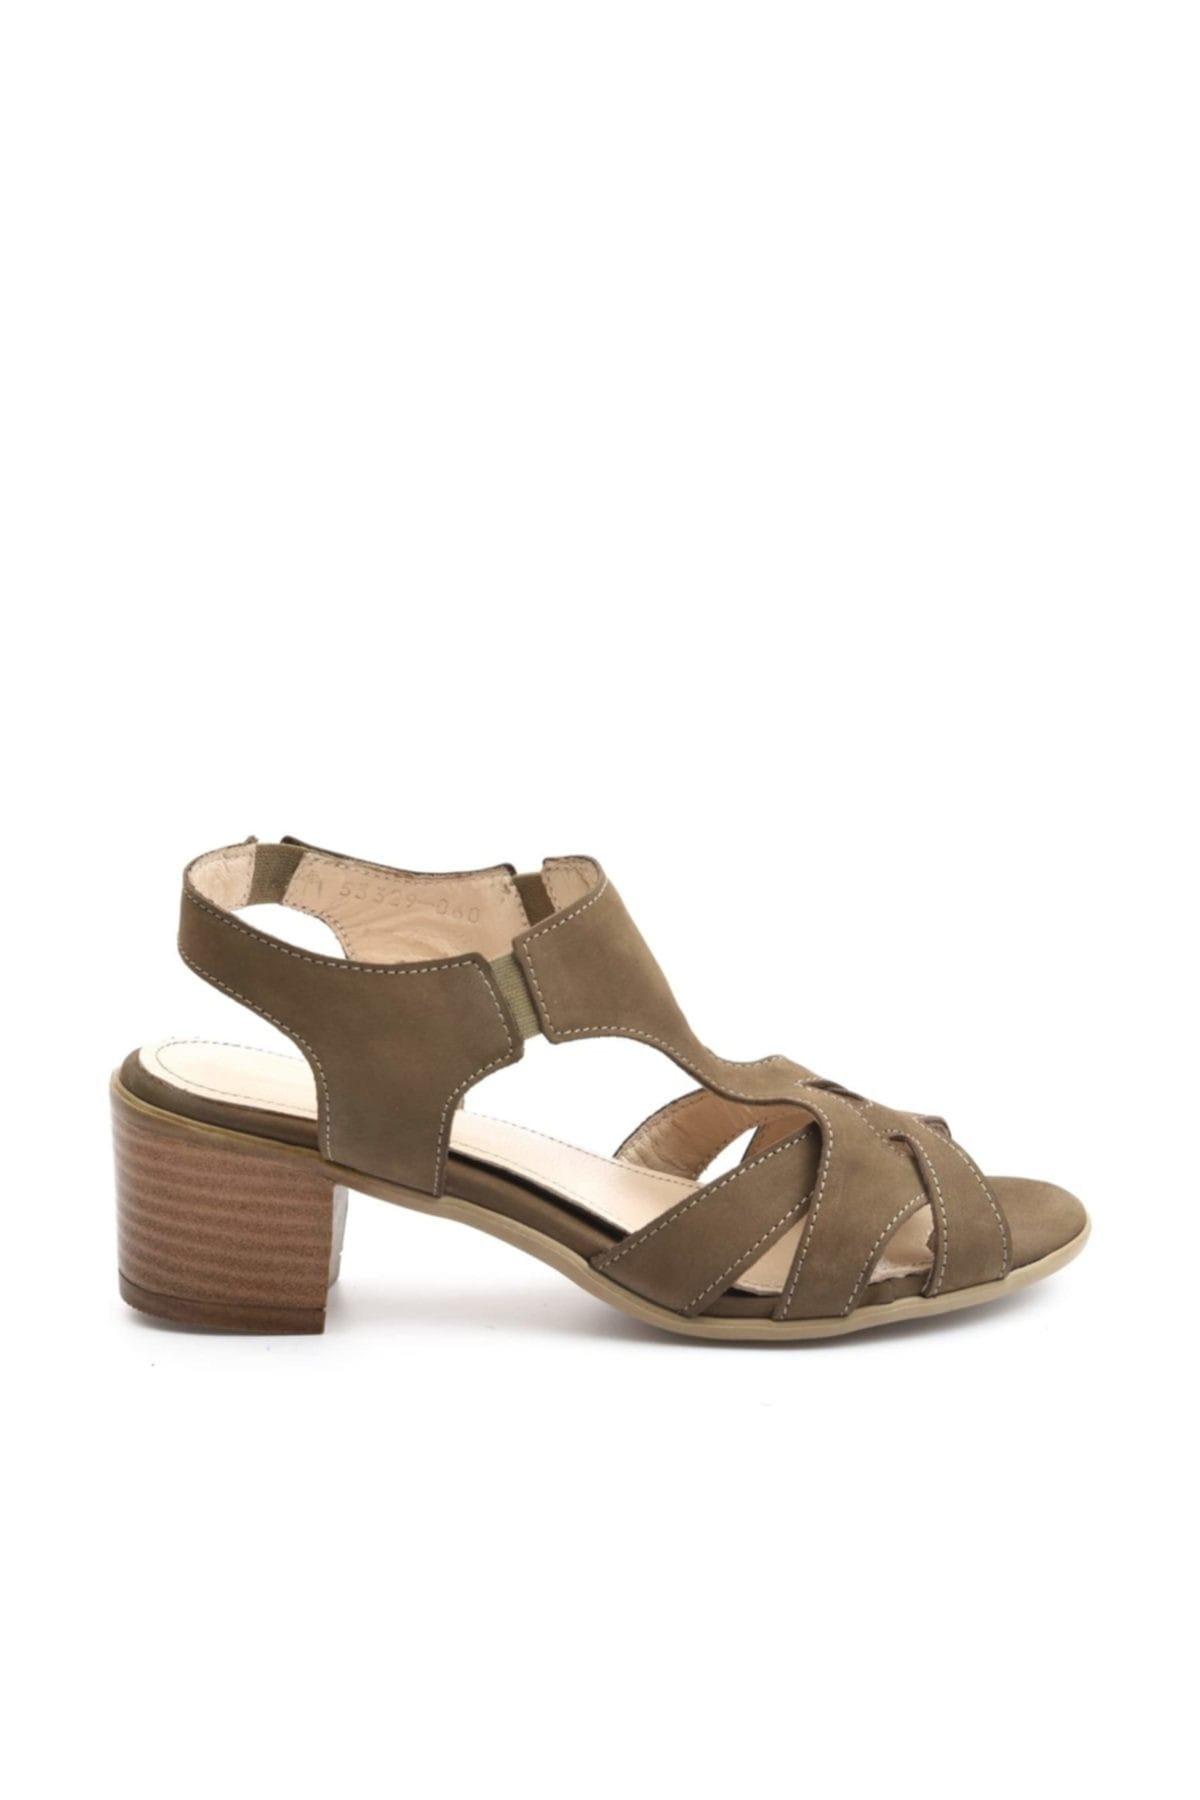 Kadın Vızon Nbk Klasik Topuklu Ayakkabı 9Y2CS53329